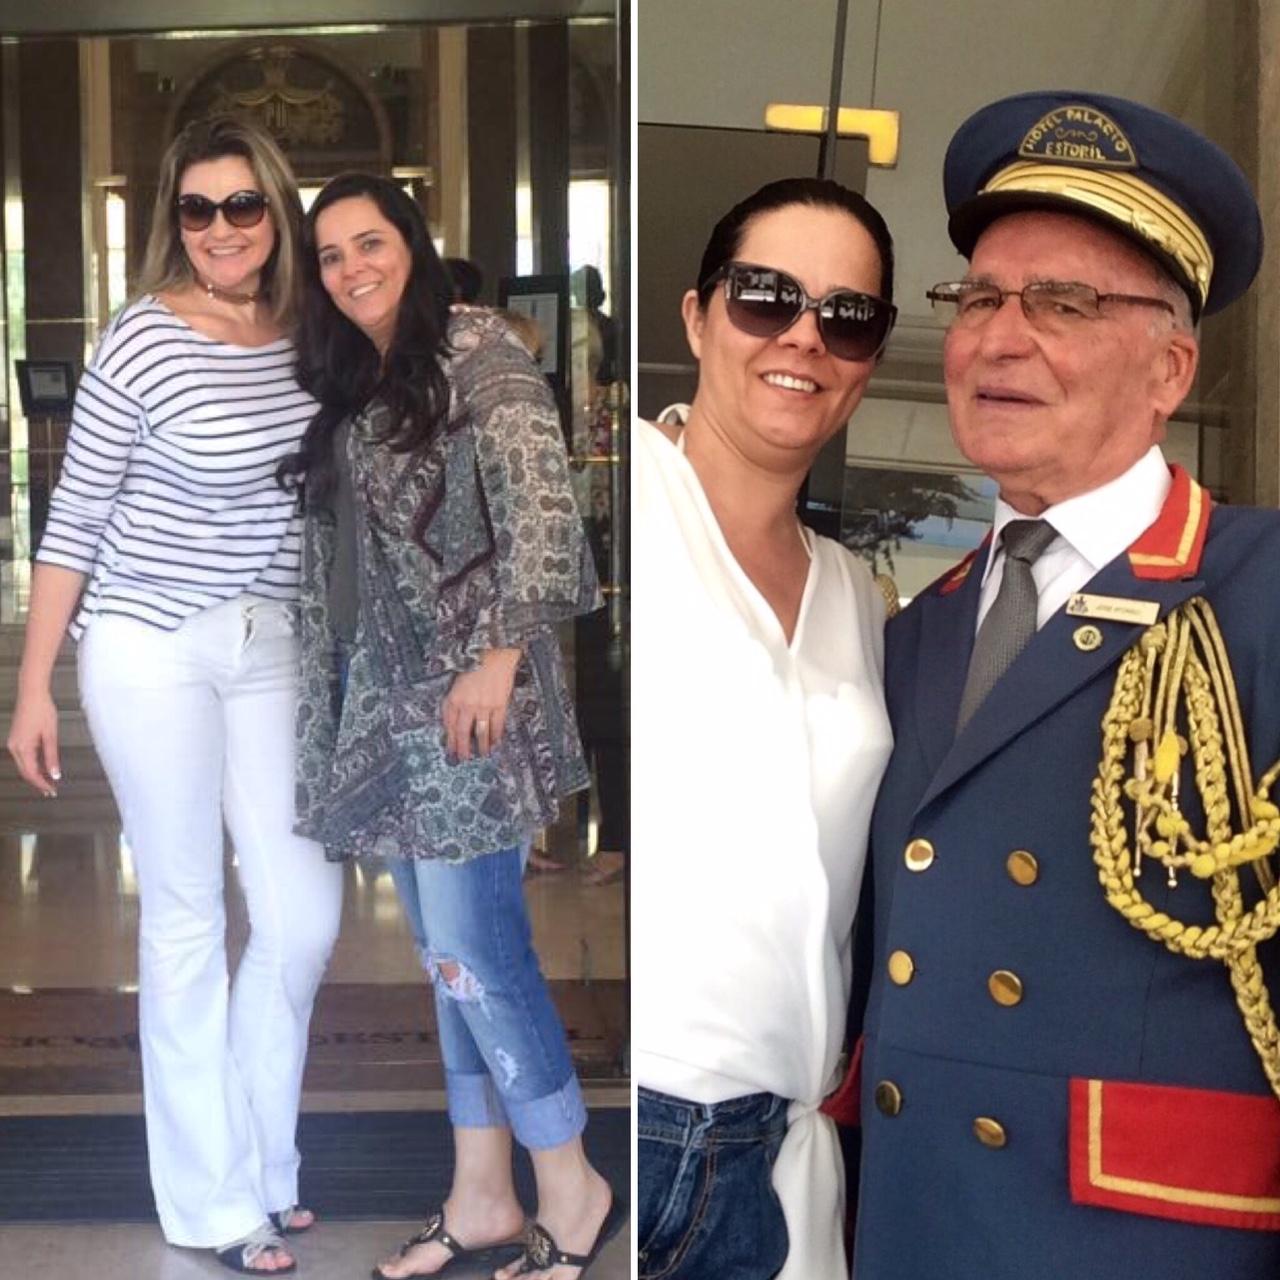 Com minha querida amiga Fabiana Heisler e o porteiro mais fofo de Portugal